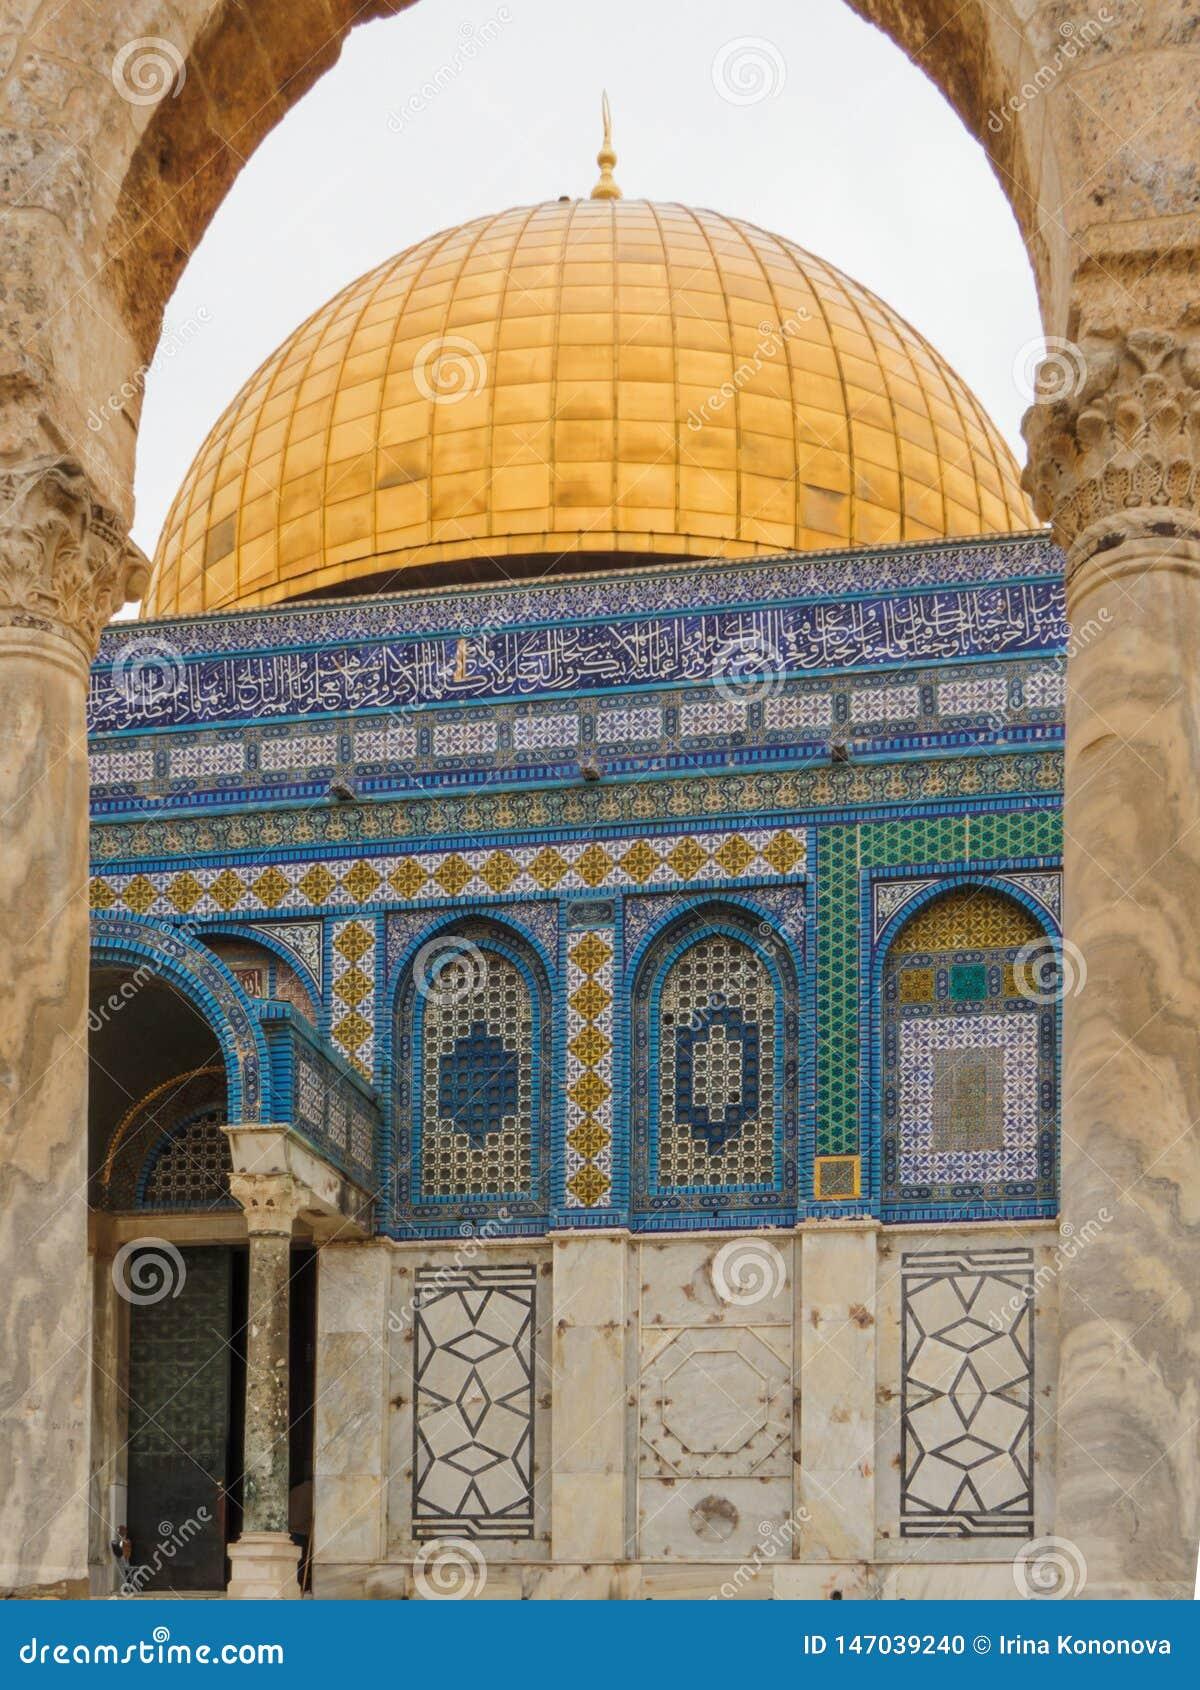 圆顶清真寺的片段,在圣殿山的一座回教寺庙在耶路撒冷耶路撒冷旧城